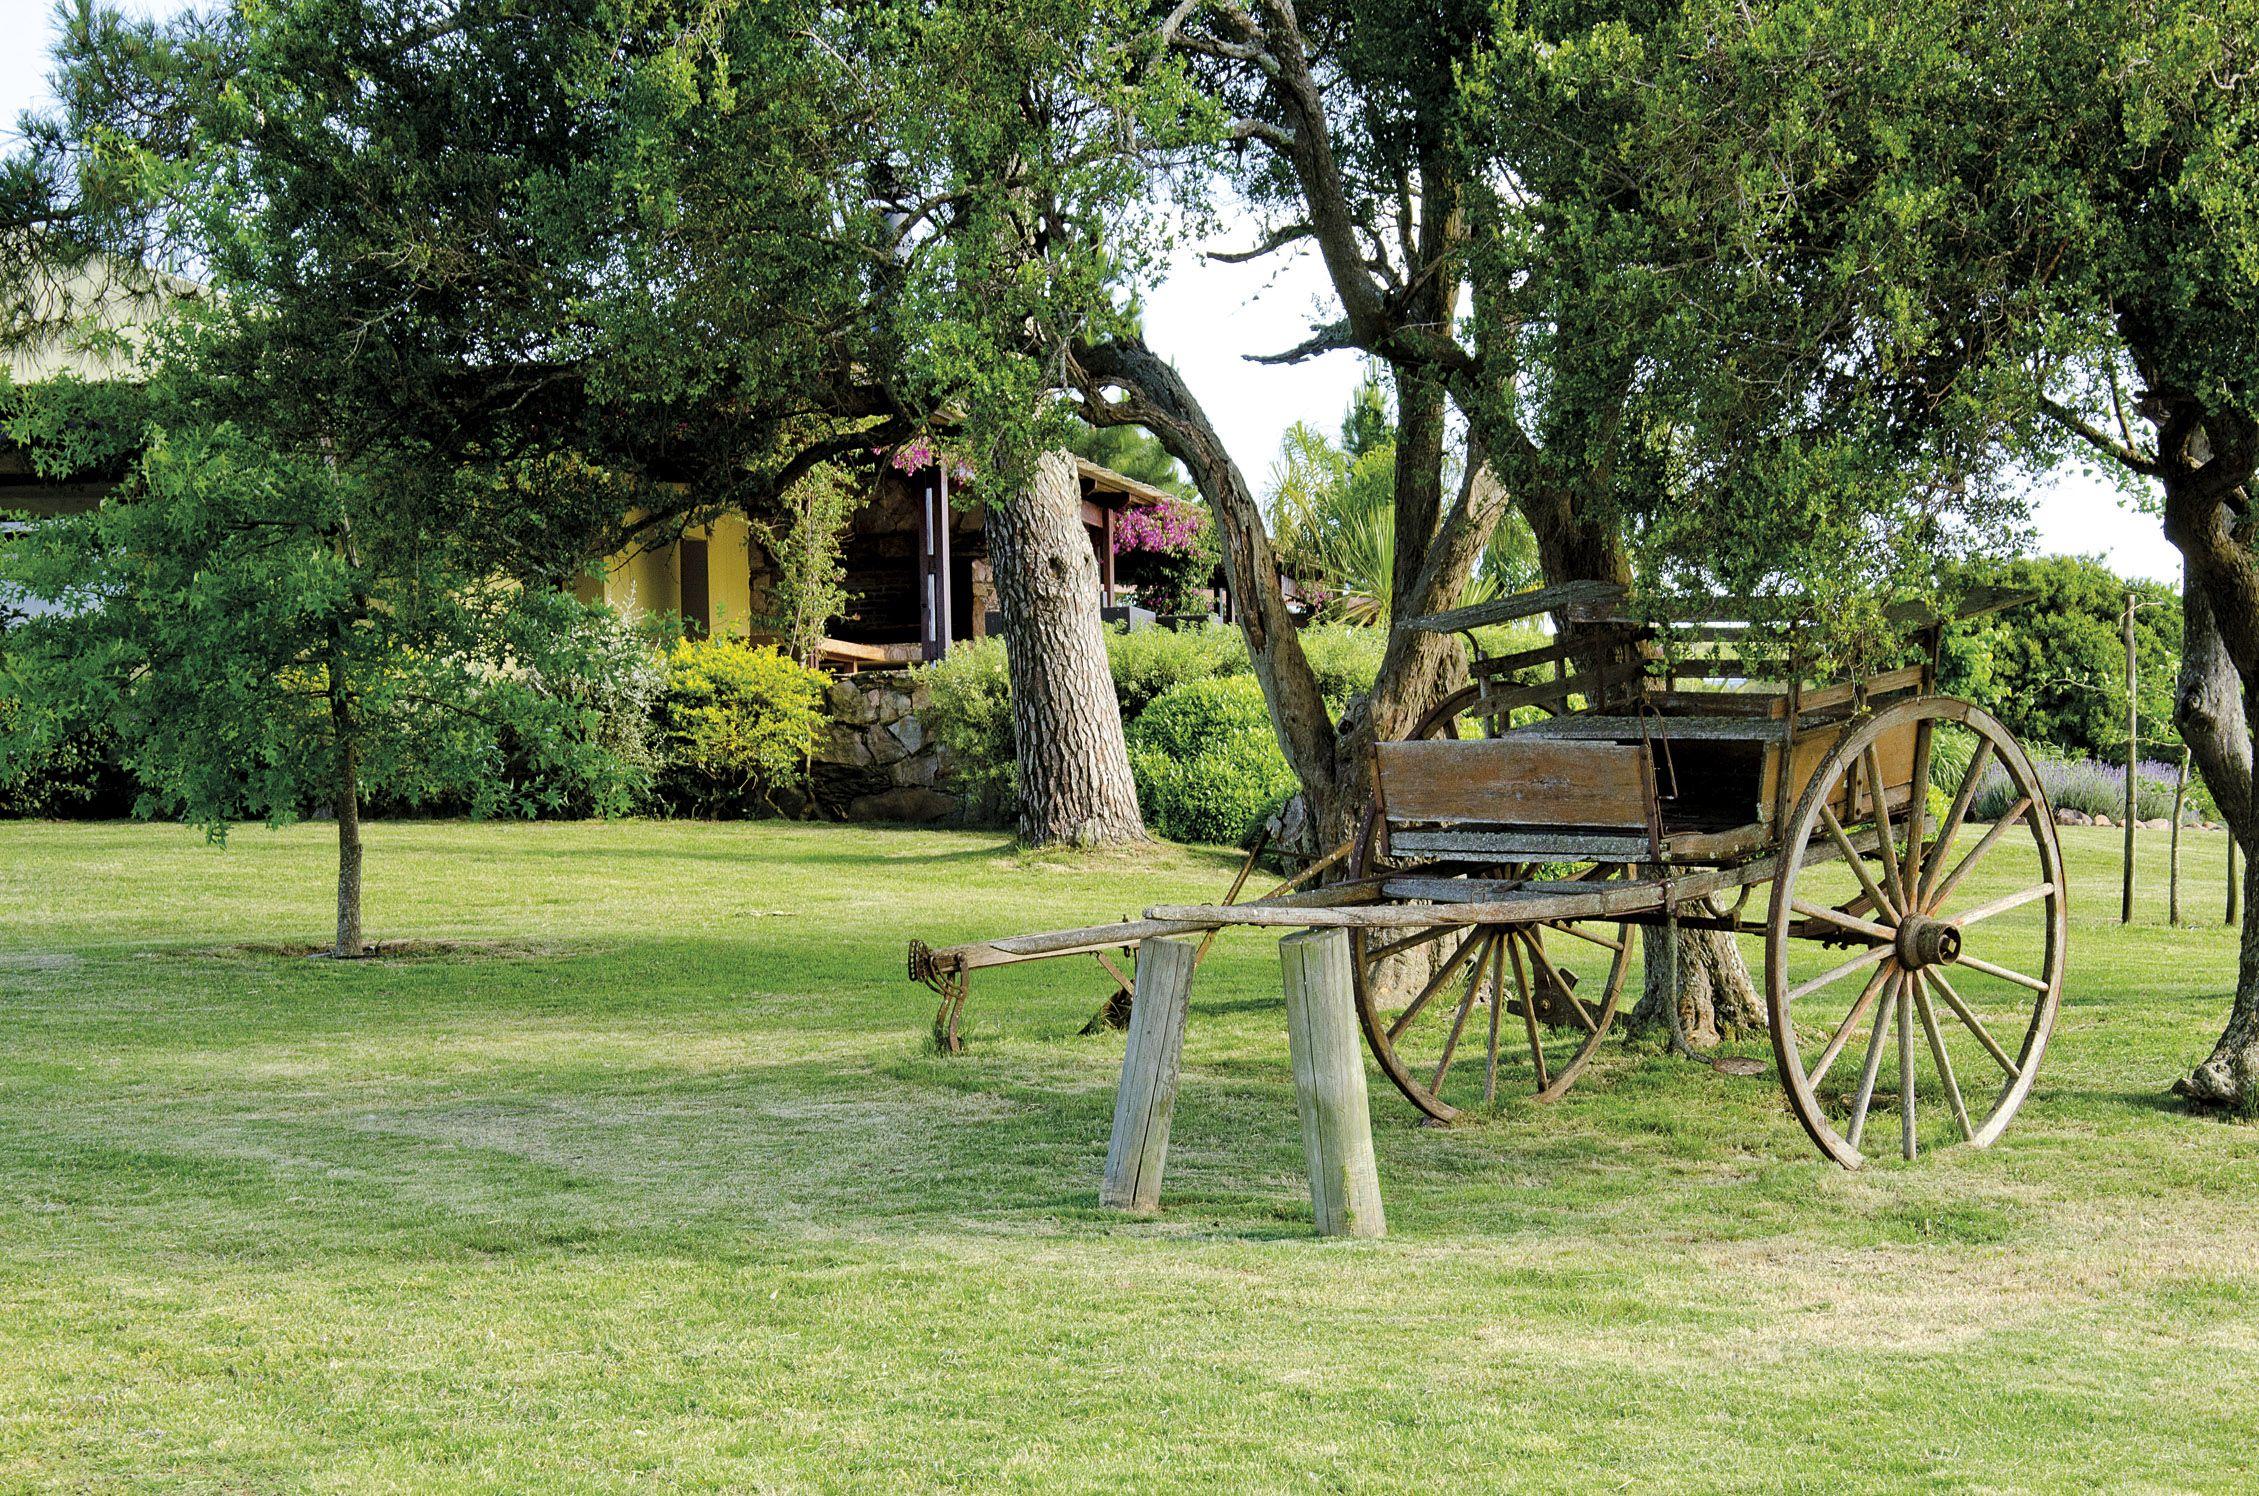 finca turistica ganadera forestal olivicola en las sierras de minas uruguay casa rustica